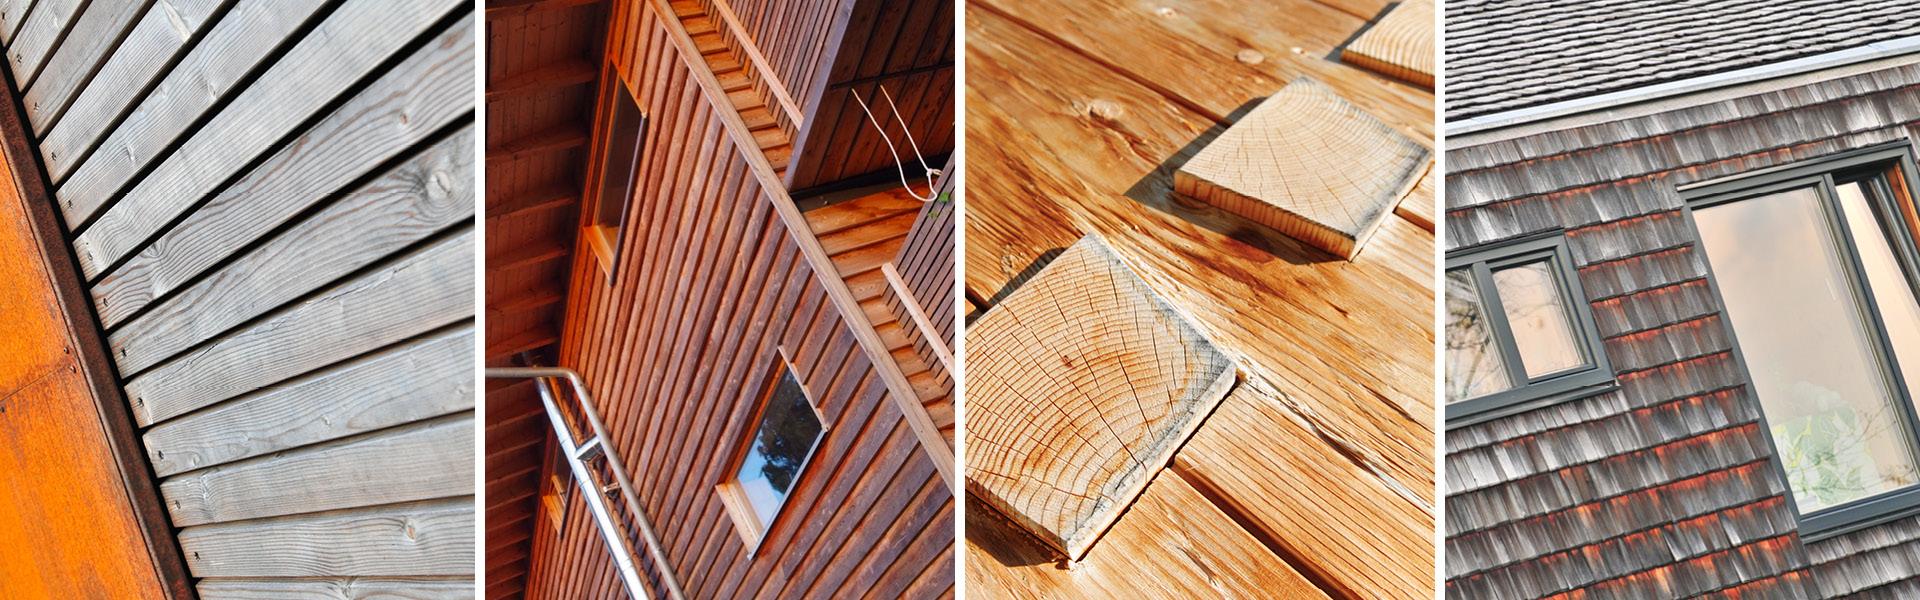 Foto-Collage aus verschiedenen Holzfassaden, die durch unterschiedliches Alter, Standorte, Holzarten und andere Einflüsse unterschiedliche visuelle Charakteristiken entwickelt haben.